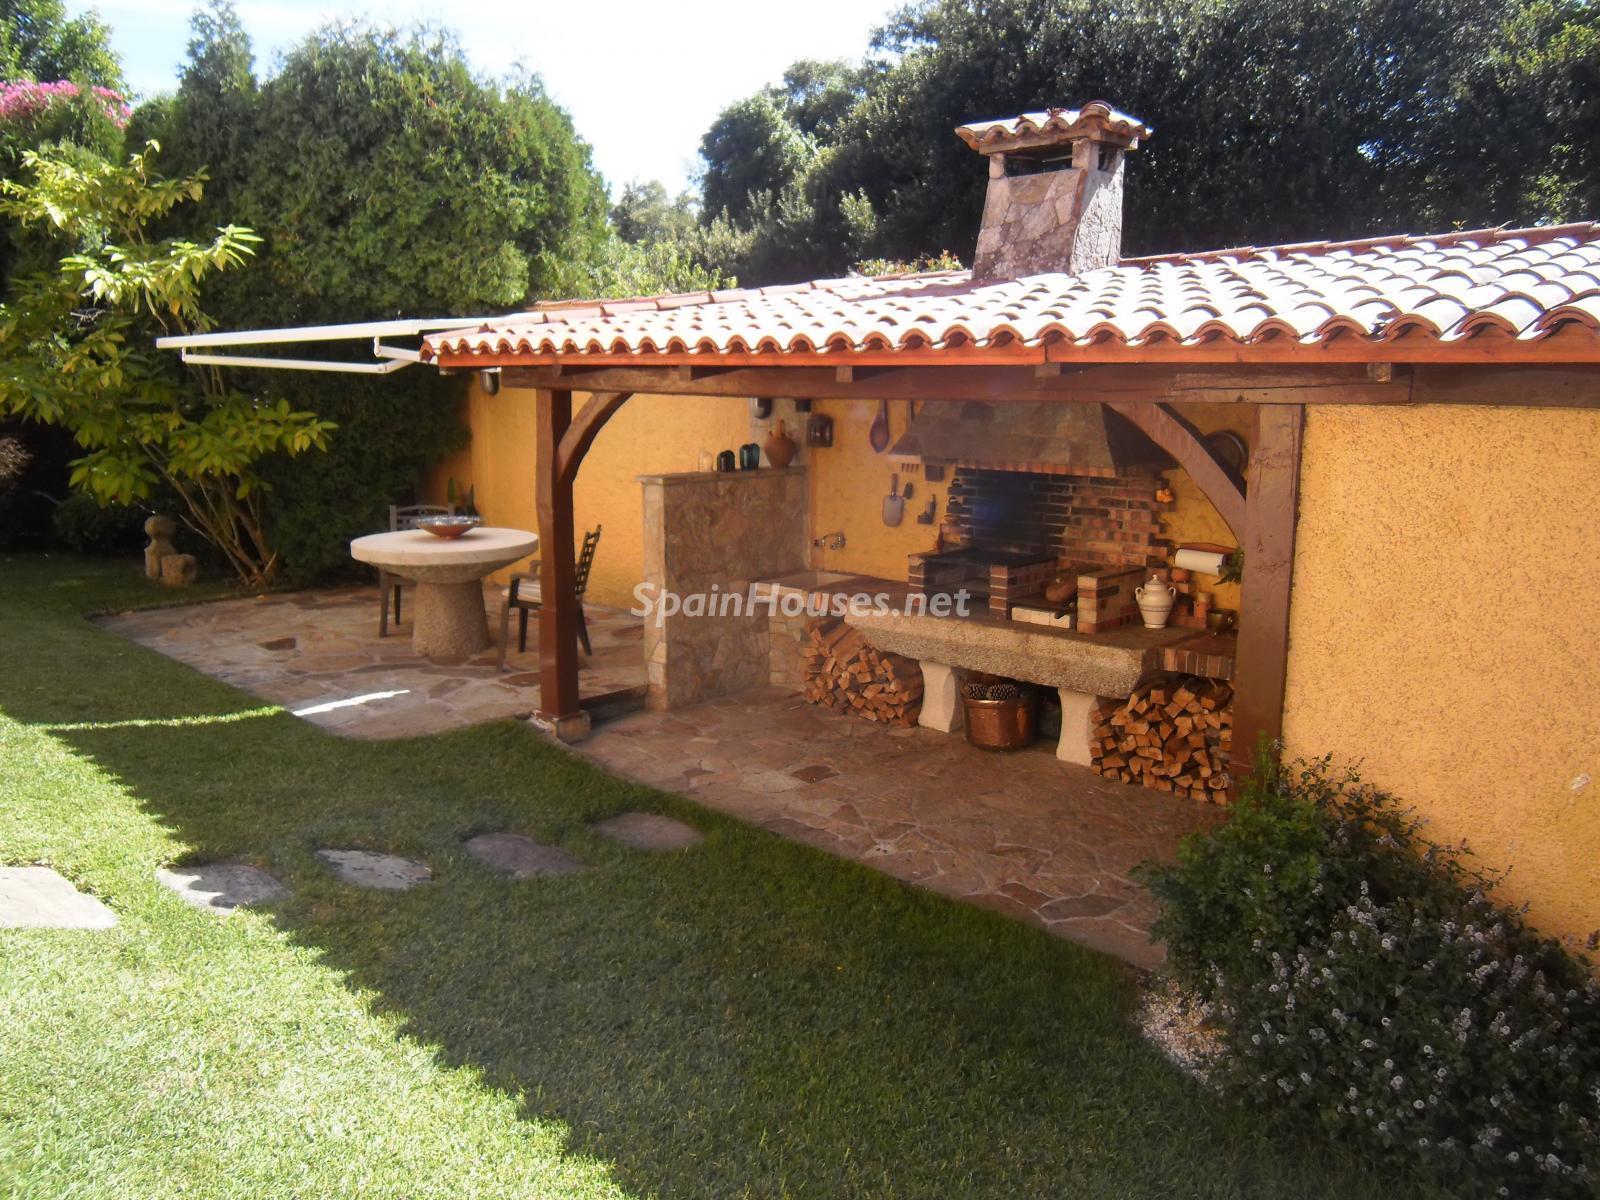 Foto 39 - Chalet independiente en venta en Oleiros, Ref: 1825929